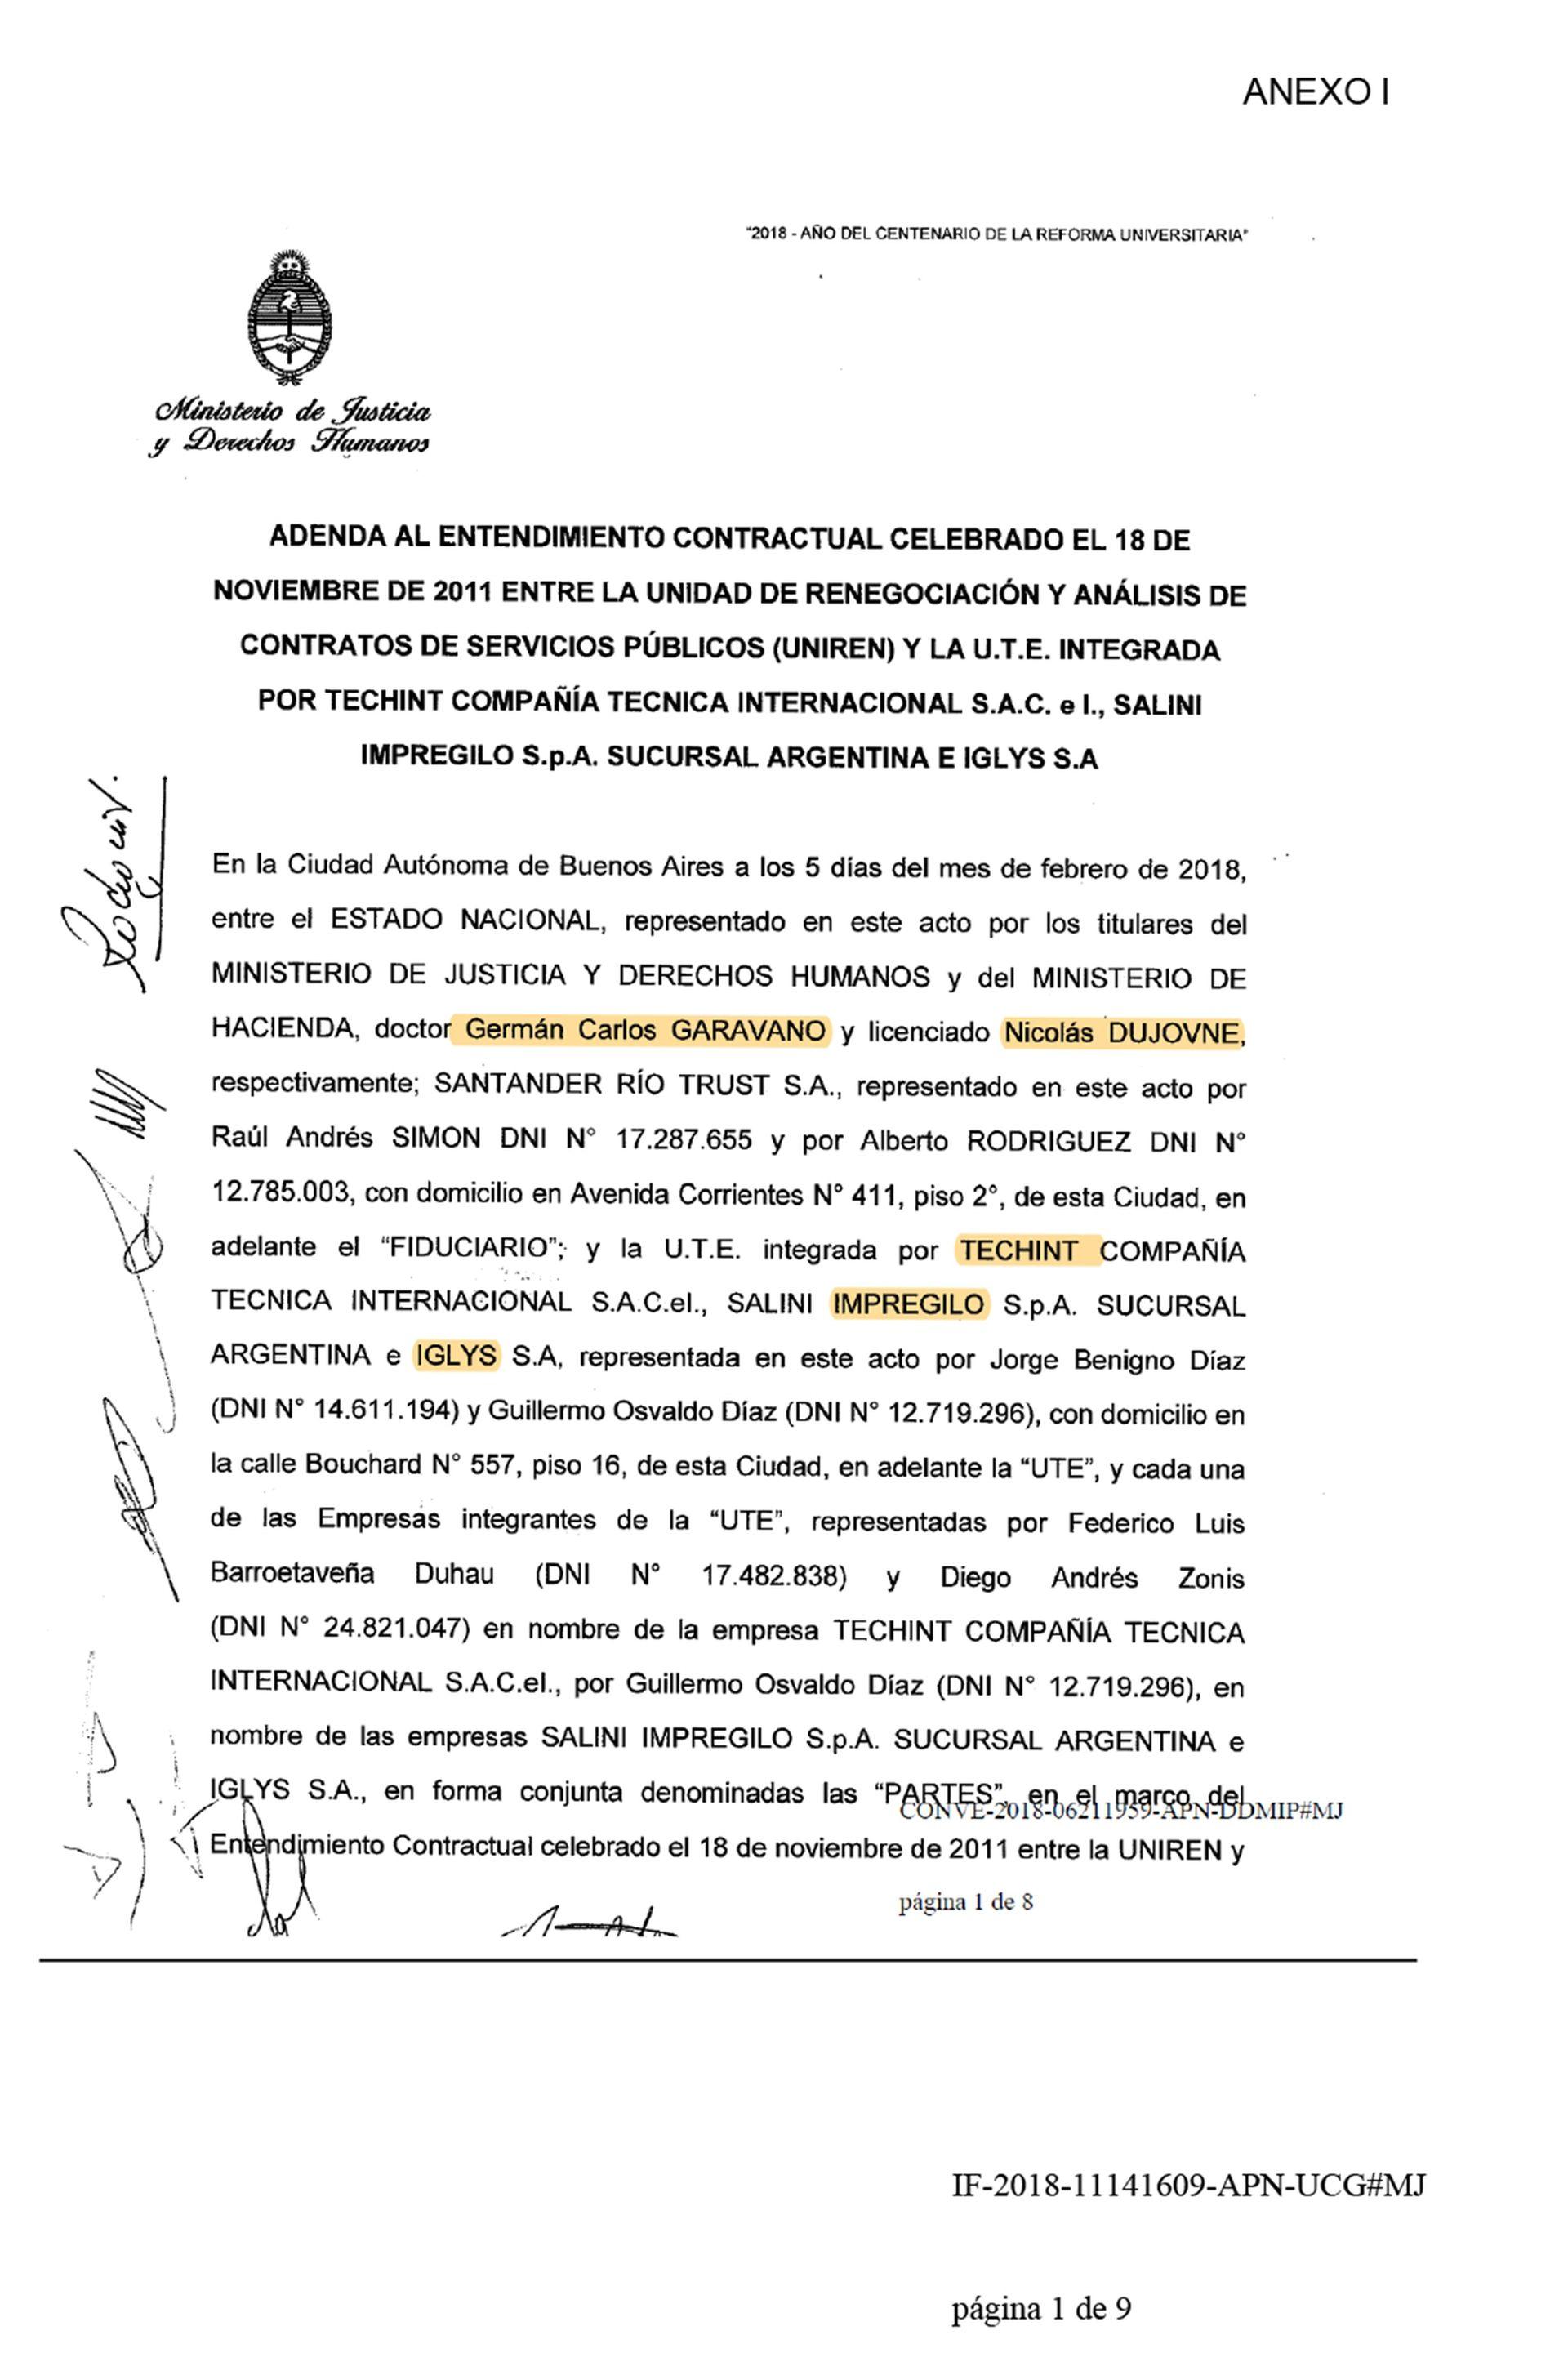 En el caso de Ezeiza, la administración de Mauricio Macri llegó a un acuerdo para pagar la deuda, como muestra el documento. No ocurrió lo mismo con el penal de Marcos Paz.